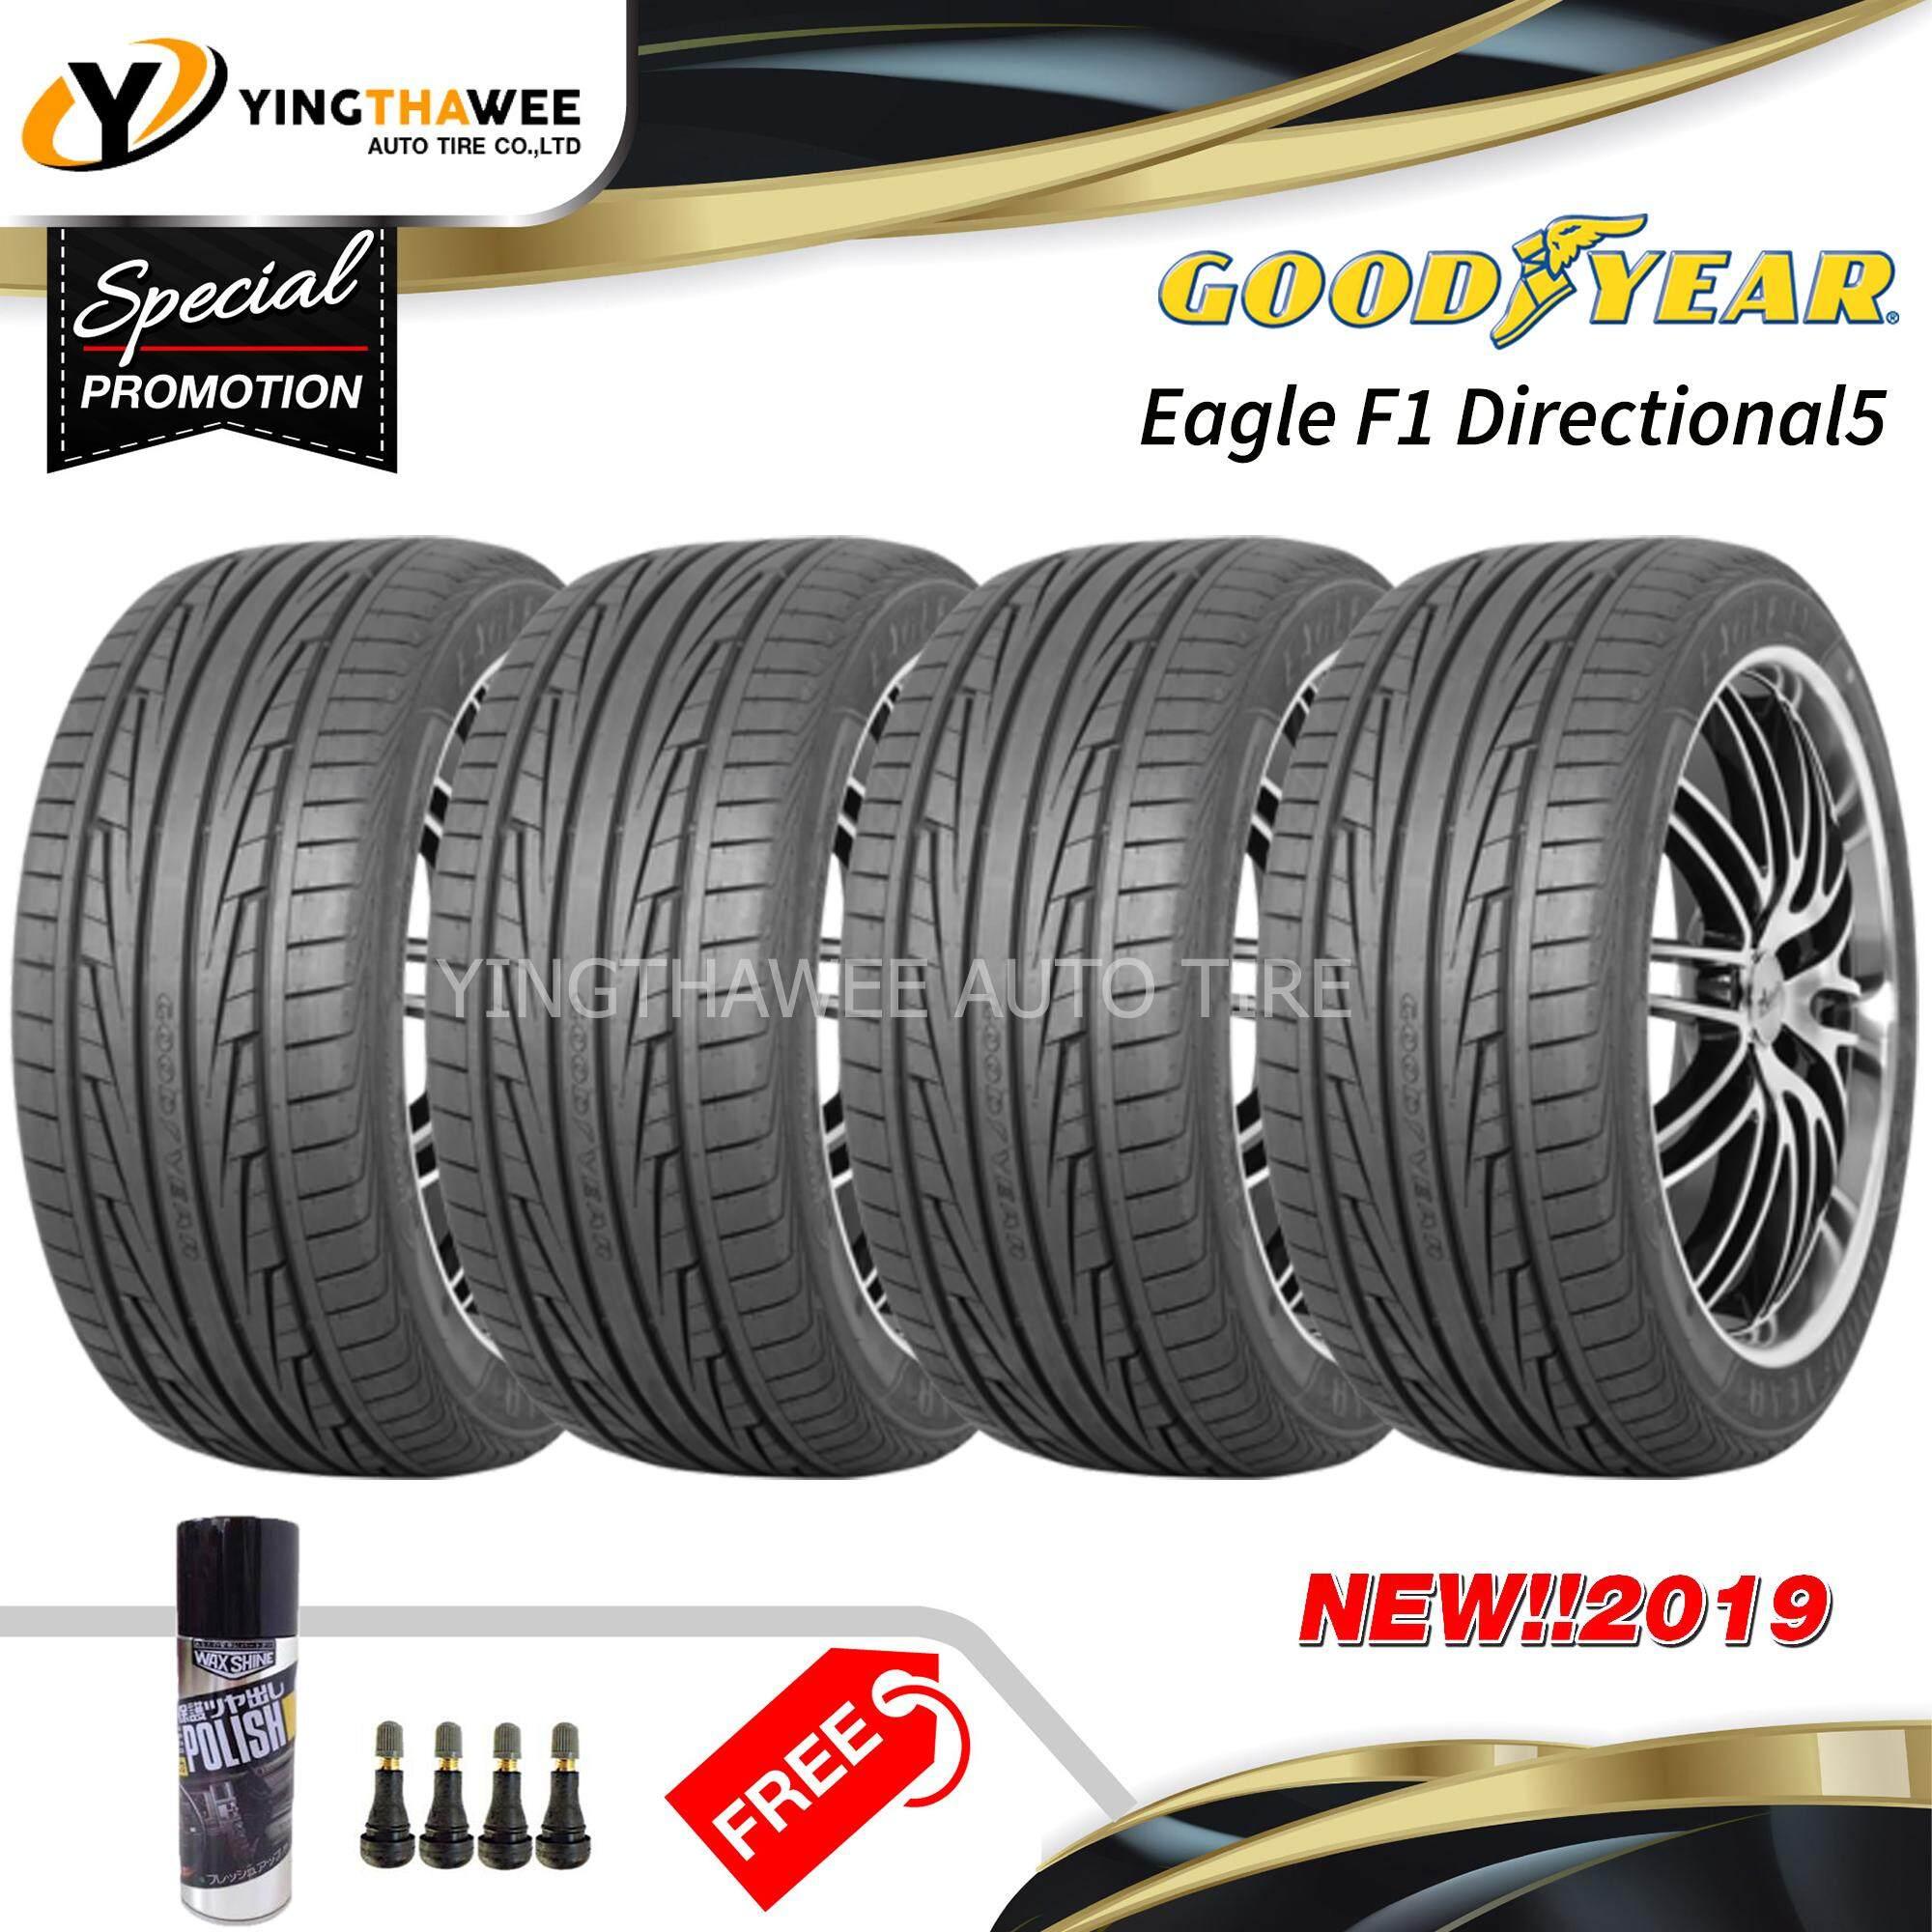 พิจิตร GOODYEAR ยางรถยนต์ 215/50R17 รุ่น Eagle F1 Directional5  4 เส้น (ปี 2019) แถม Wax Shine 420 ml. 1 กระป๋อง + จุ๊บลมยางหัวทองเหลือง 4 ตัว